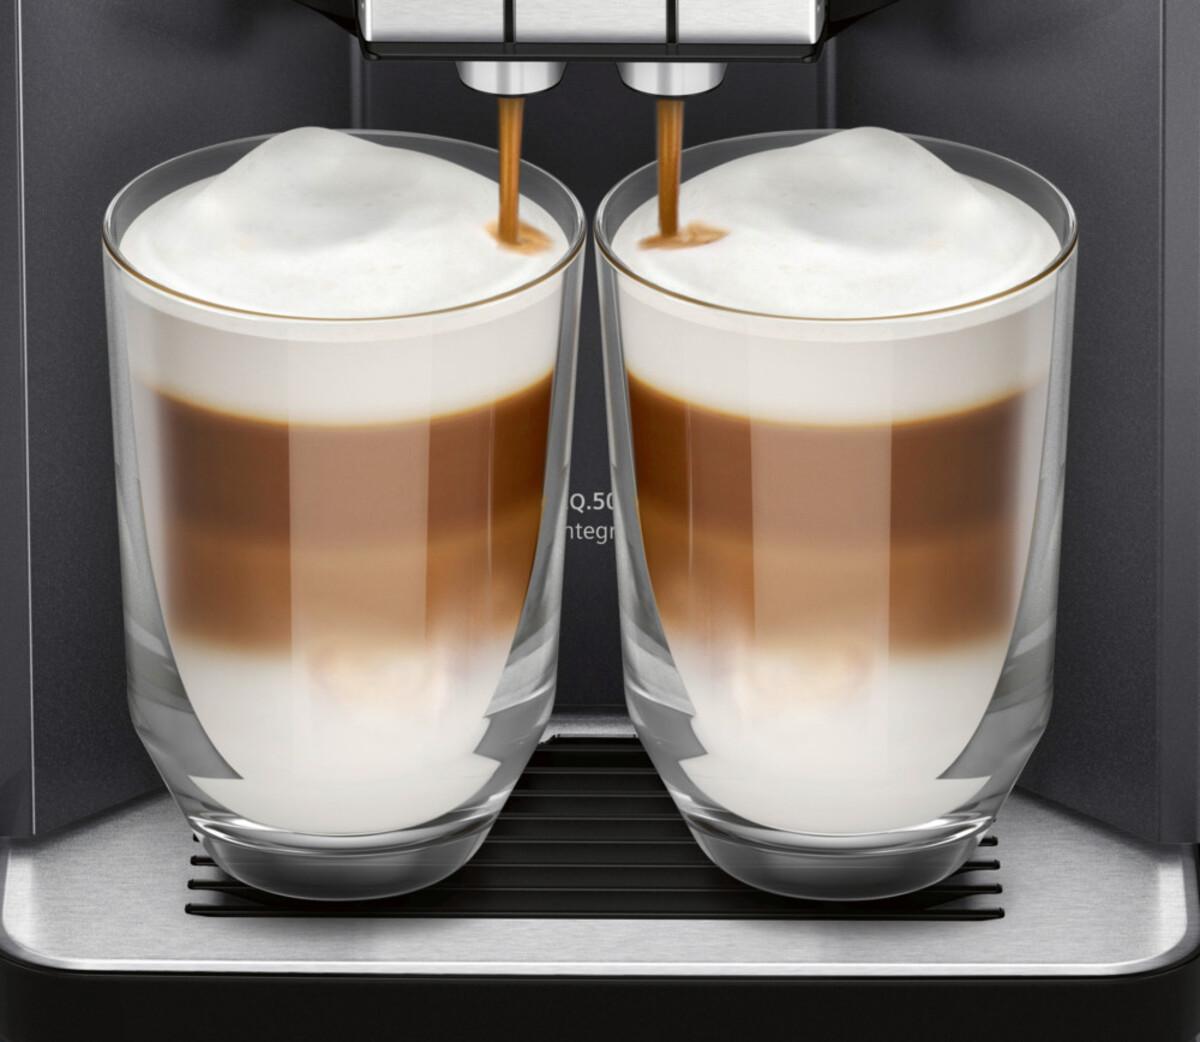 Bild 2 von SIEMENS Kaffeevollautomat EQ.500 integral TQ505D09 saphirschwarz metallic (EQ.5)